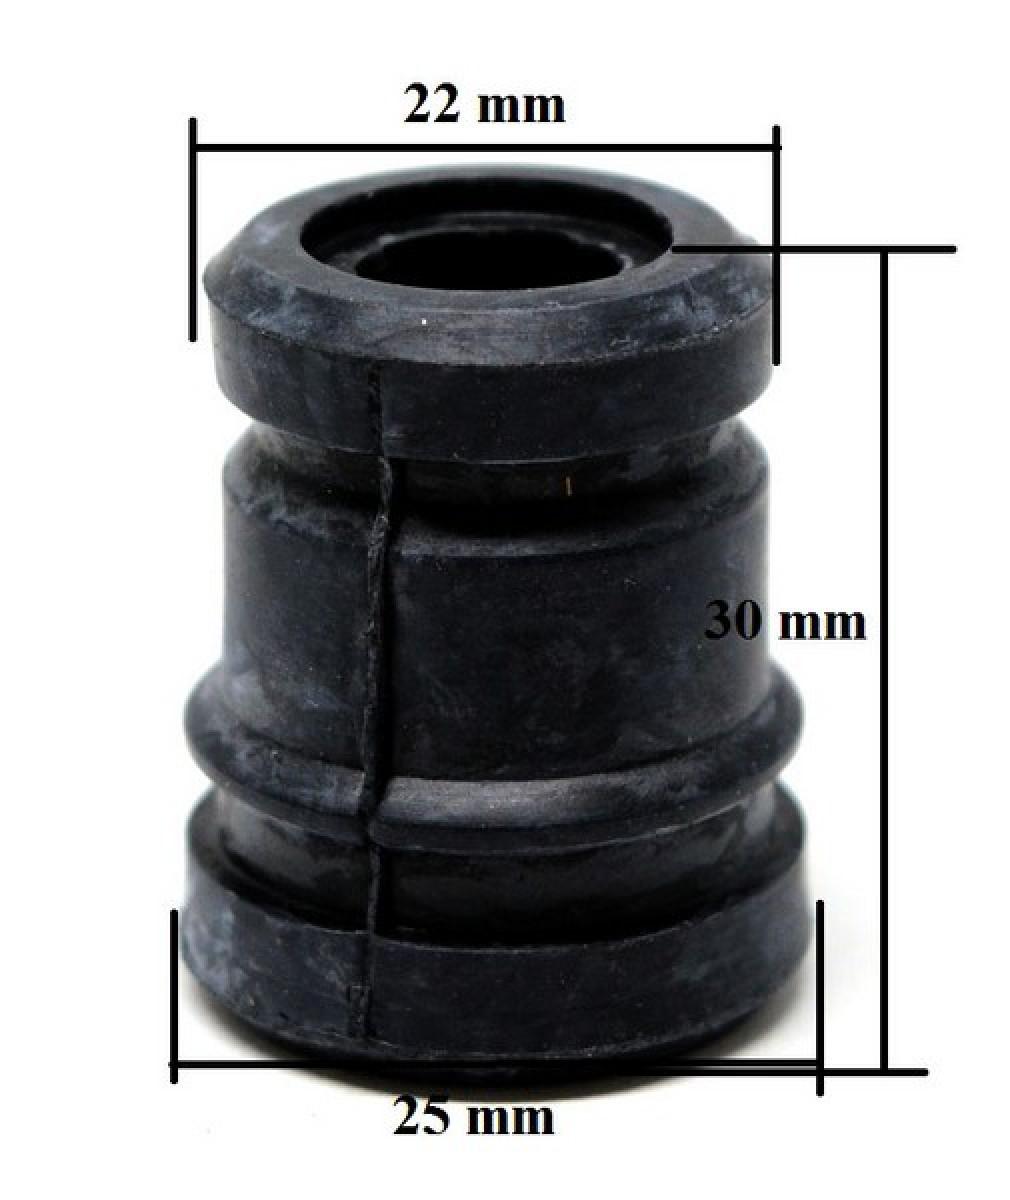 Silenblok Stihl MS170 MS180 MS190T MS191T MS280 (1123 791 2800)